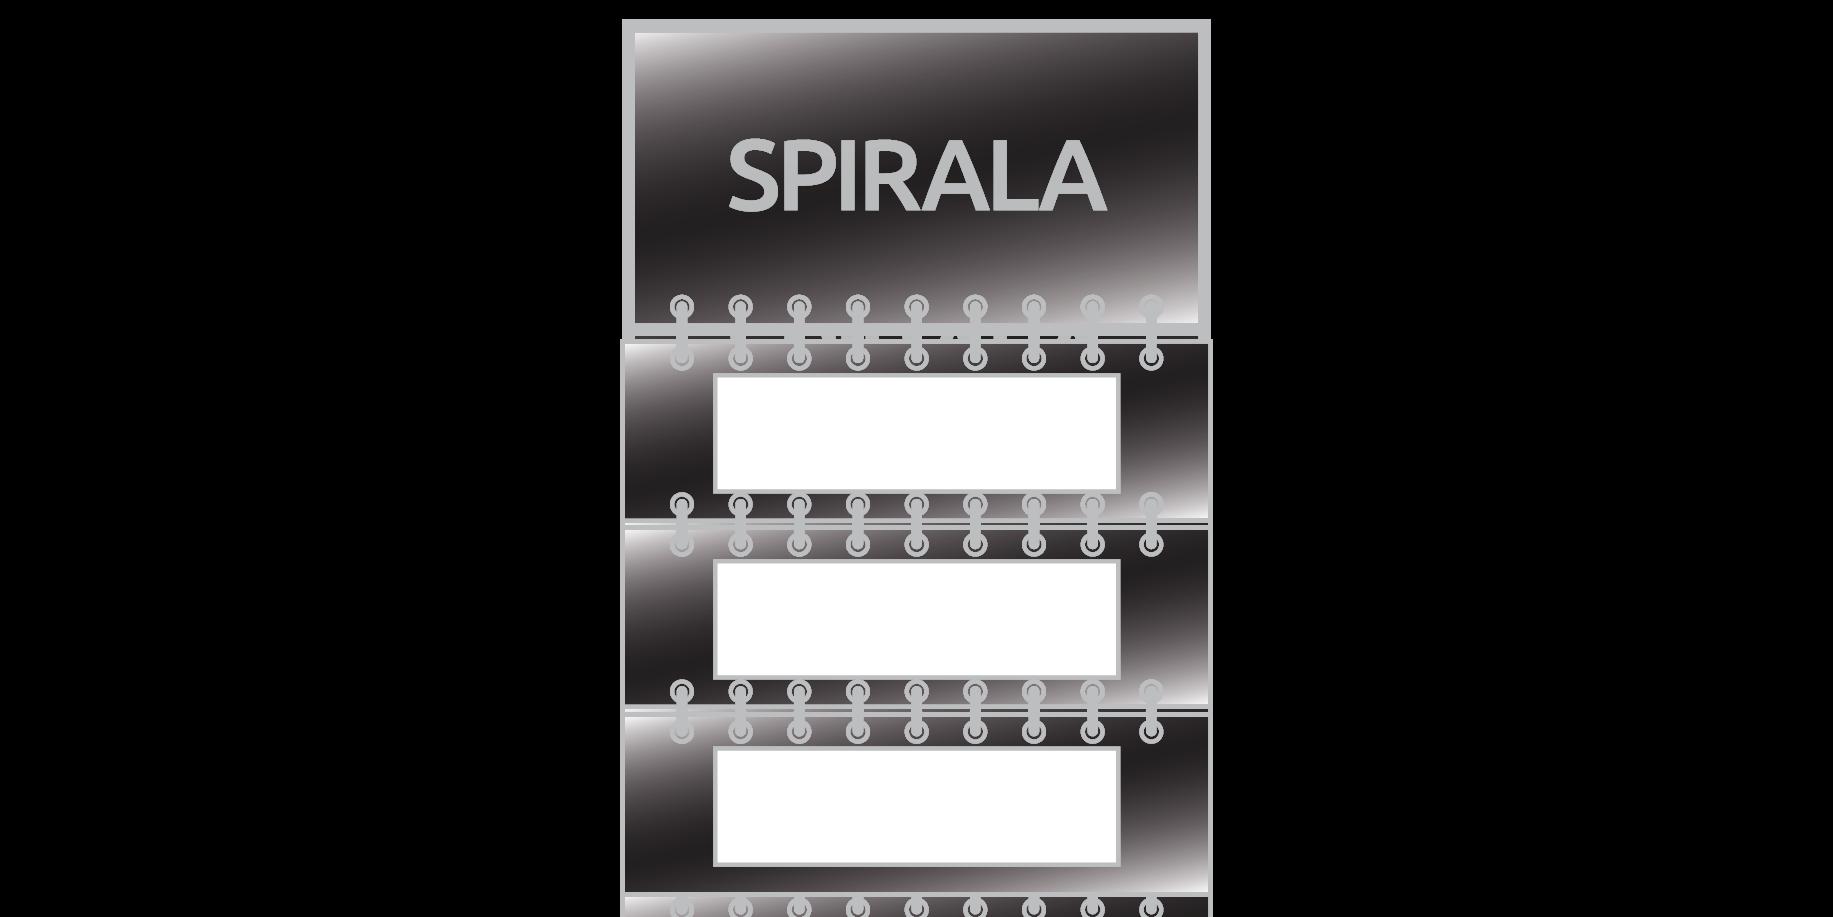 StudioKalendarzy.pl - kalendarze trójdzielne spiralowane